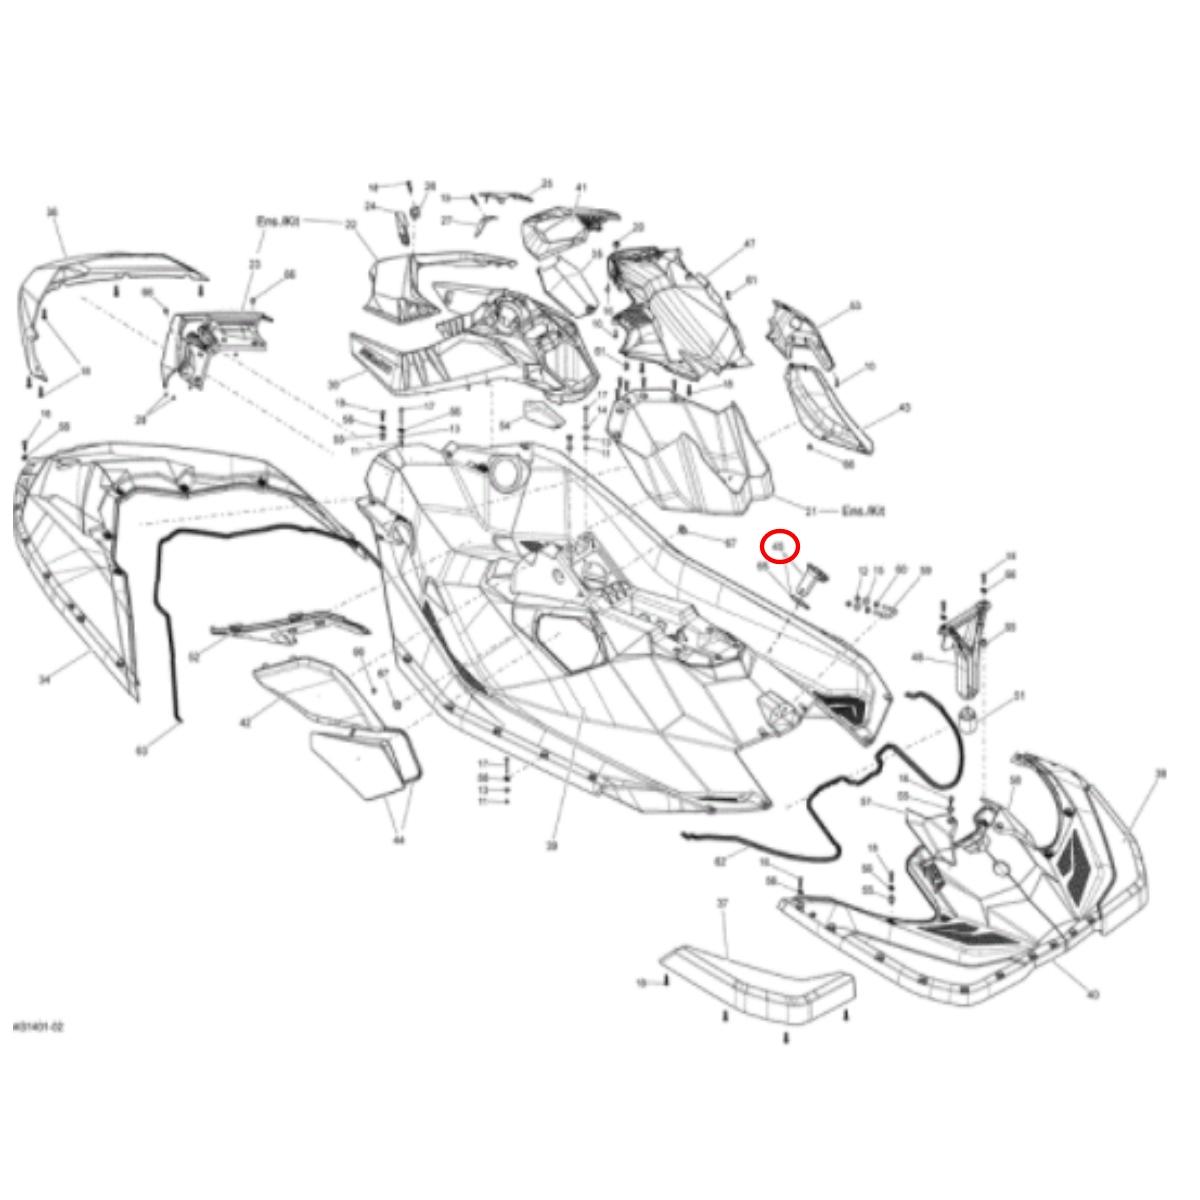 Tampa de Acesso Casco Jet Ski Sea Doo Spark  - Radical Peças - Peças para Jet Ski